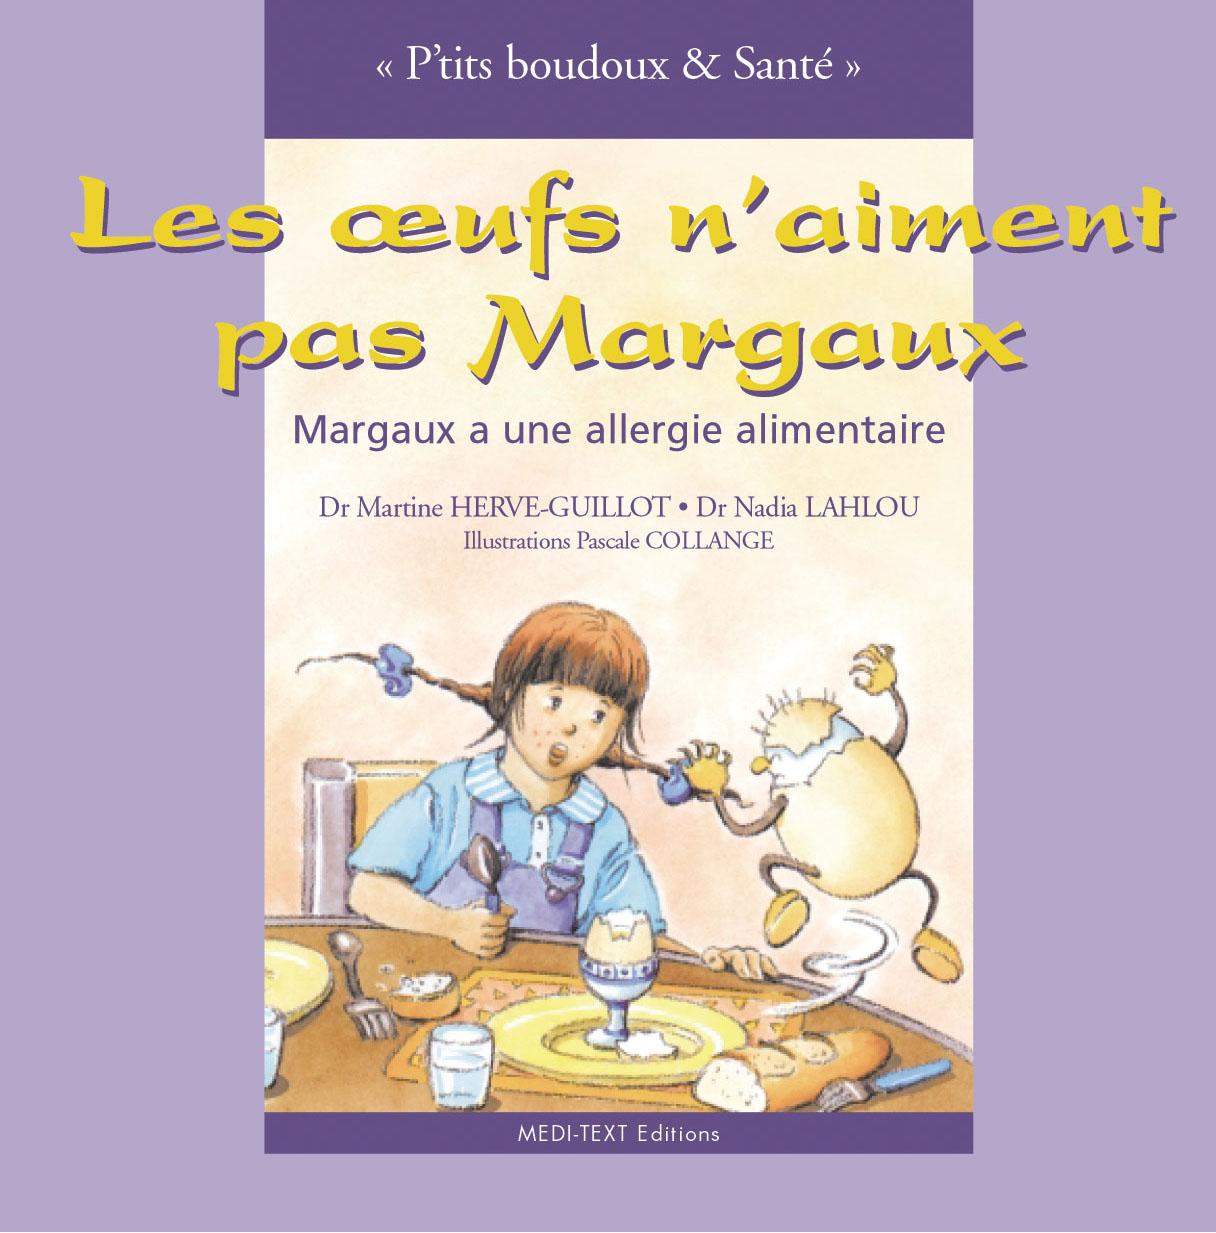 Les oeufs n'aiment pas Margaux ; Margaux a une allergie alimentaire